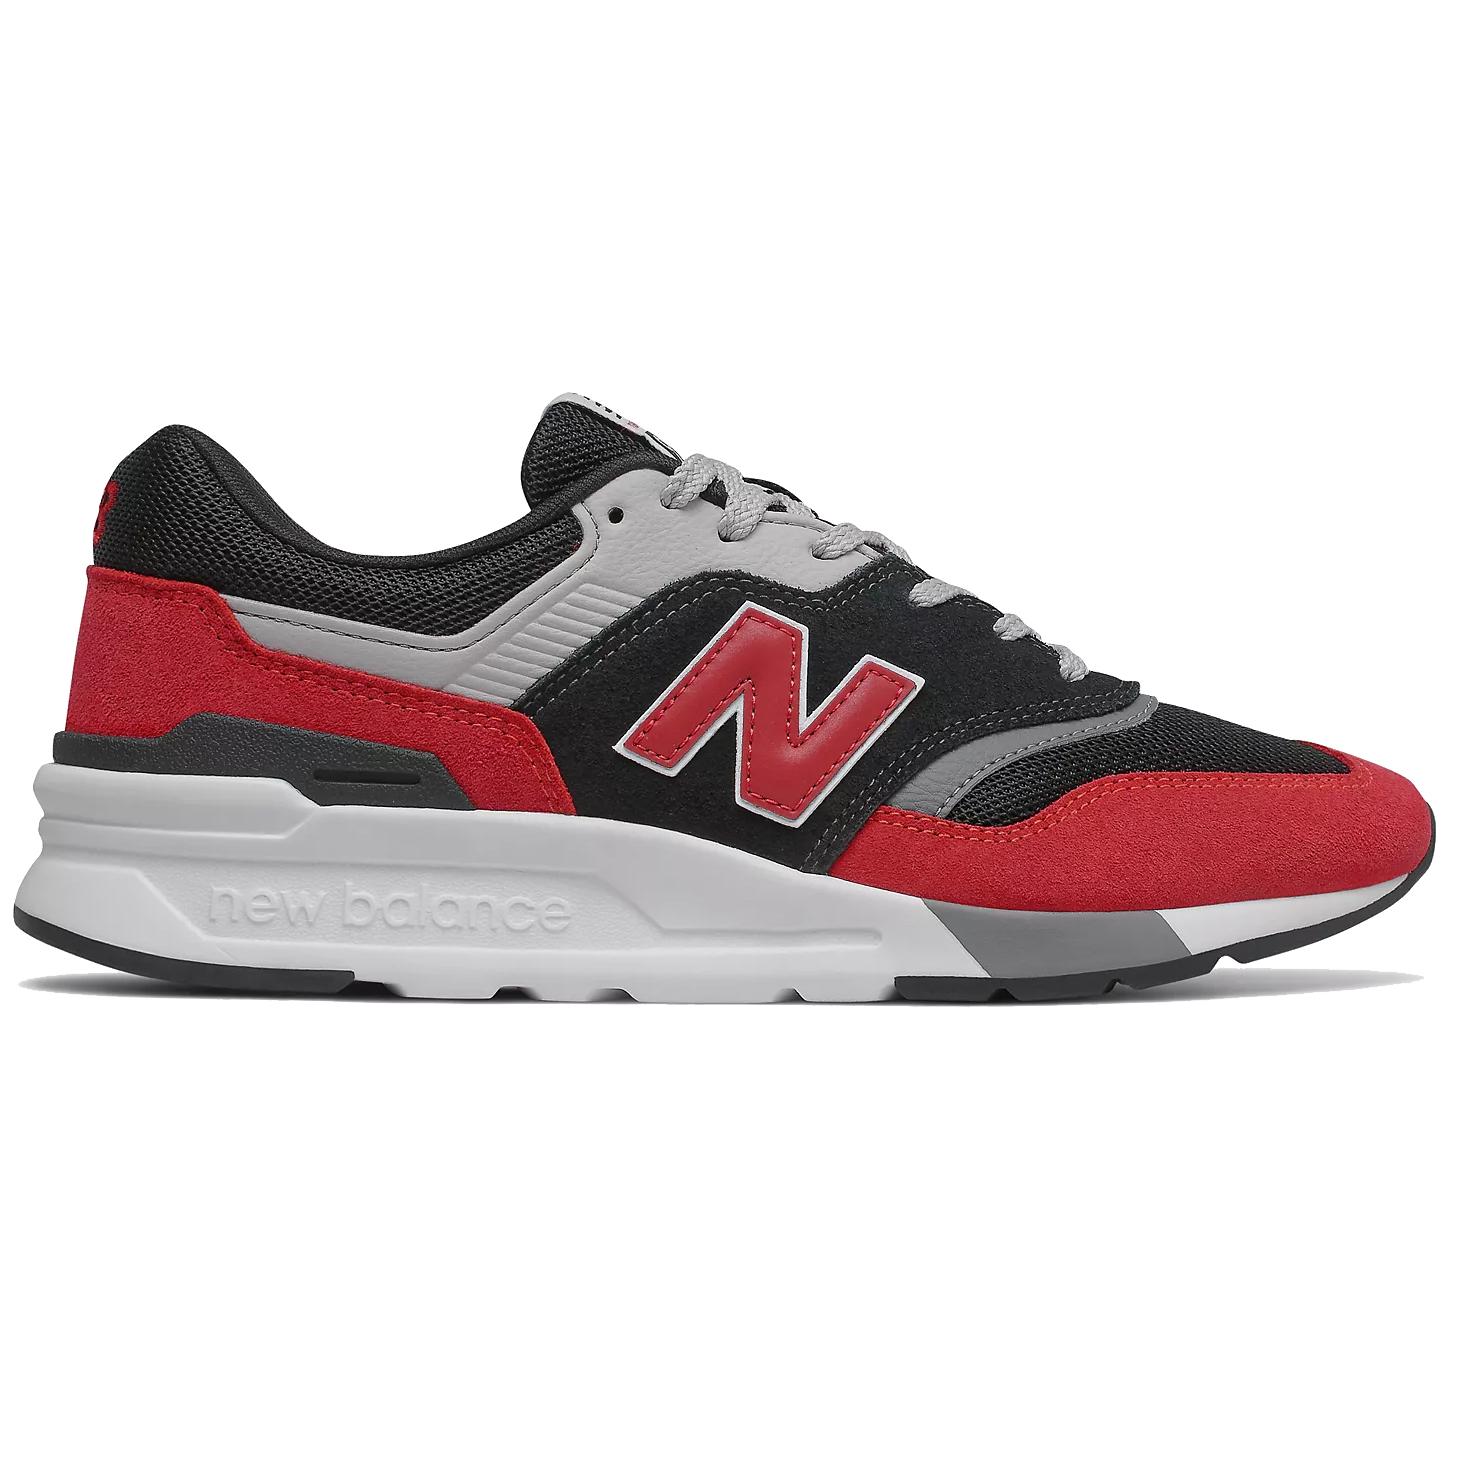 New Balance CM997HVP Sneaker schwarz rot grau